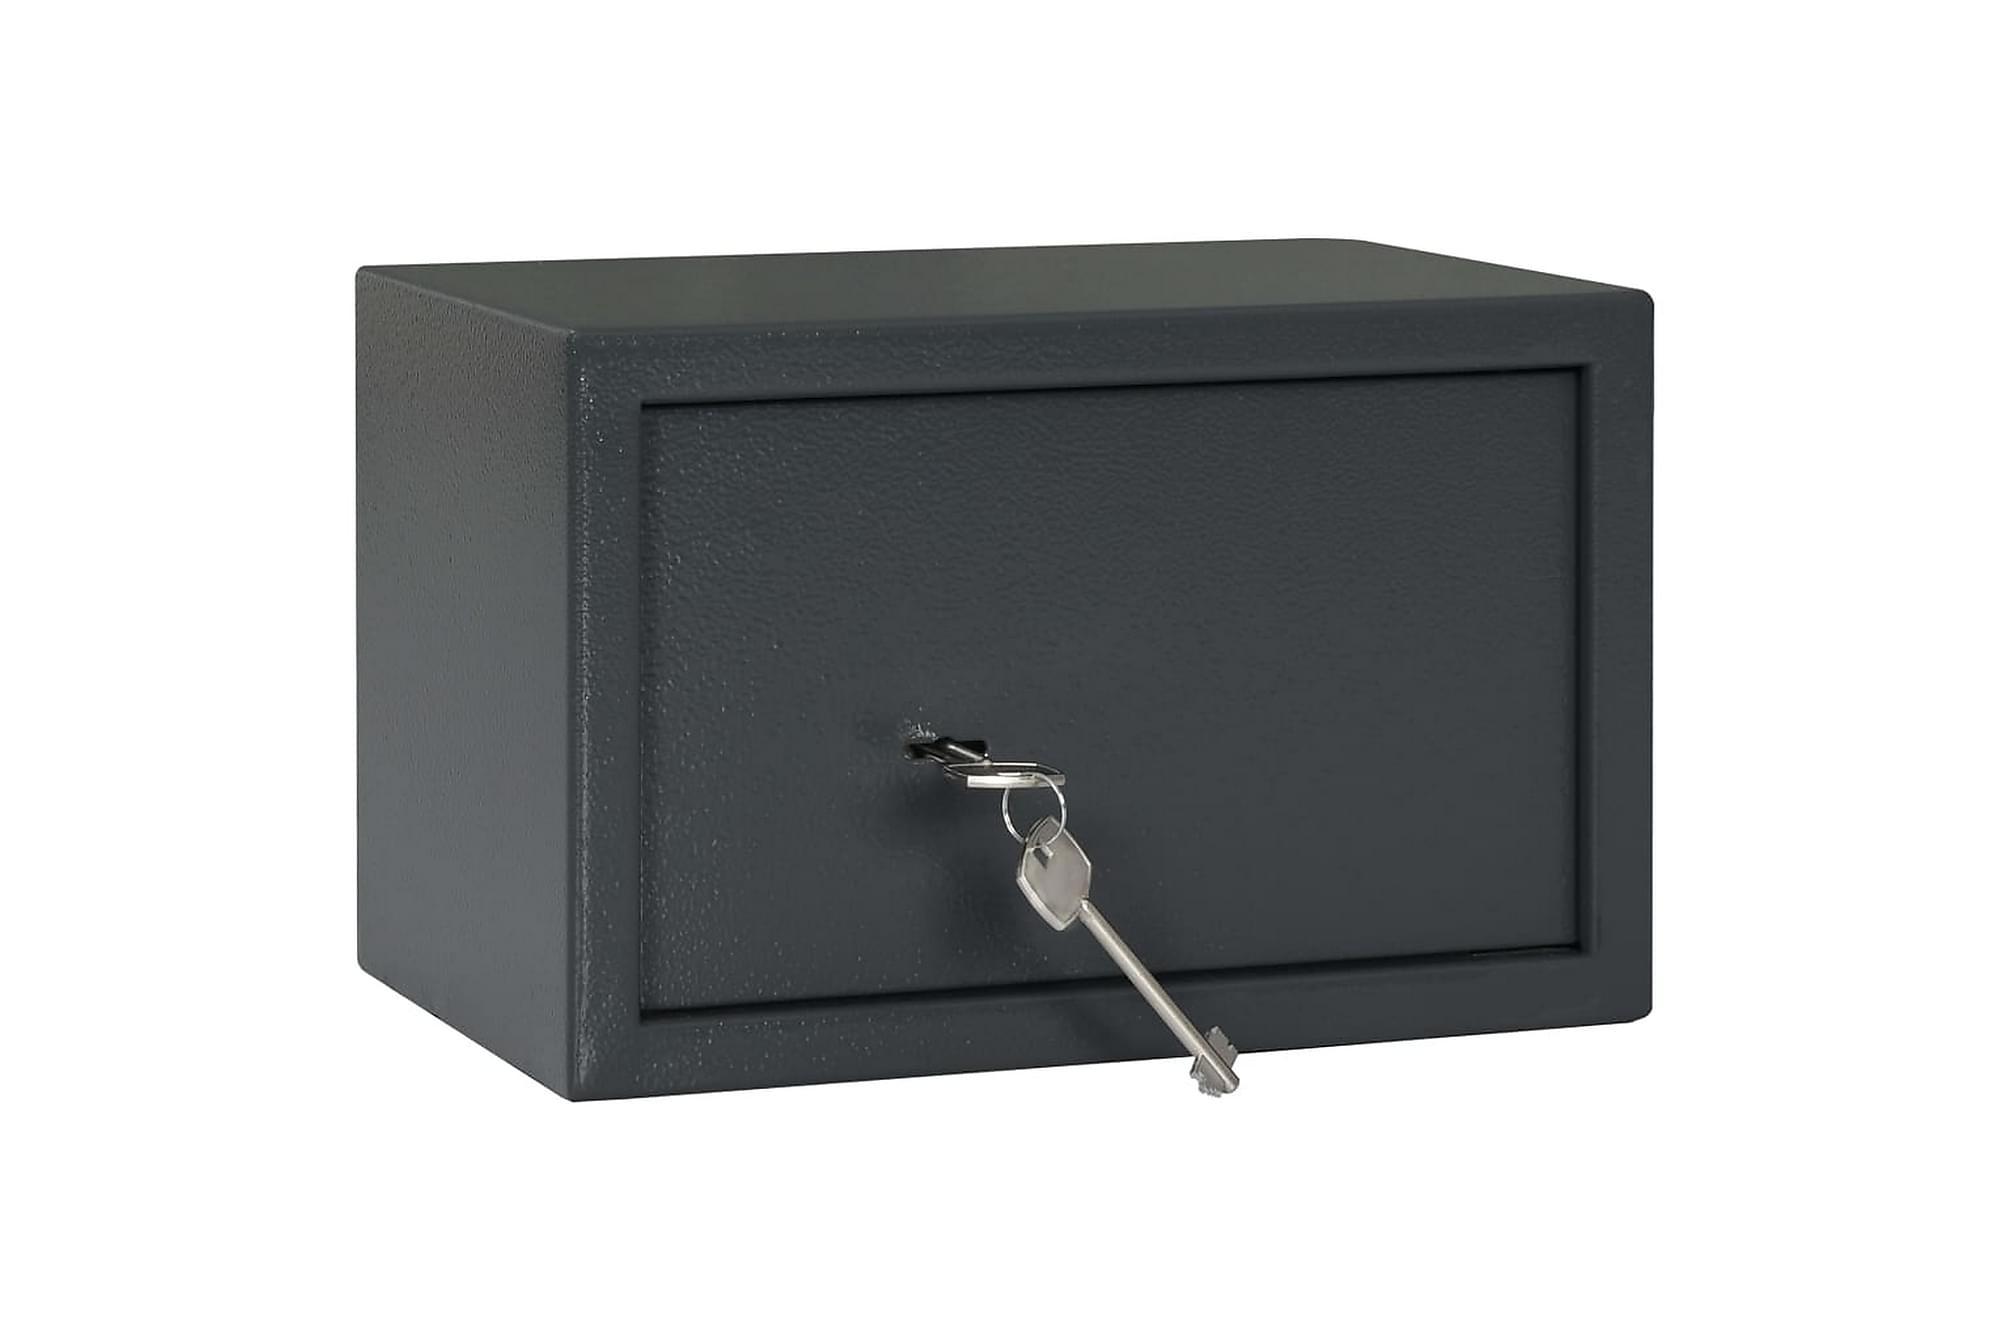 Mekaniskt kassaskåp mörkgrå 31x20x20 cm stål